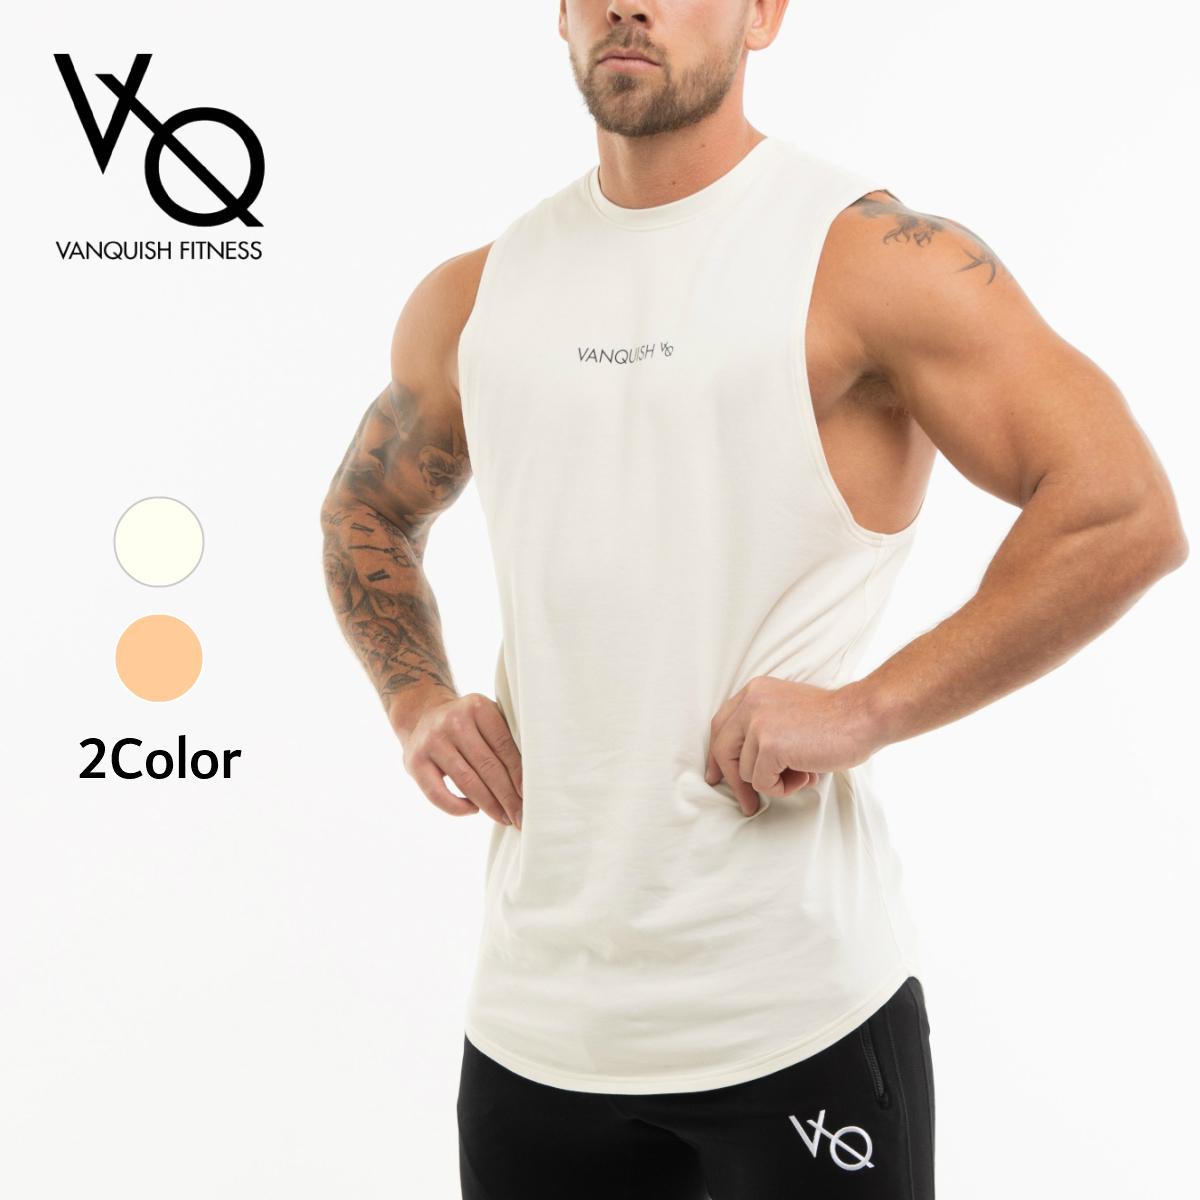 人気上昇中 送料無料 ヴァンキッシュ フィットネス 新作カラー VANQUISH FITNESS CORE MEN'S SLEEVELESS T ジム スリーブレス SHIRT 筋トレ お気に入り 衣類 メンズ Tシャツ 3 ノースリーブ 正規品